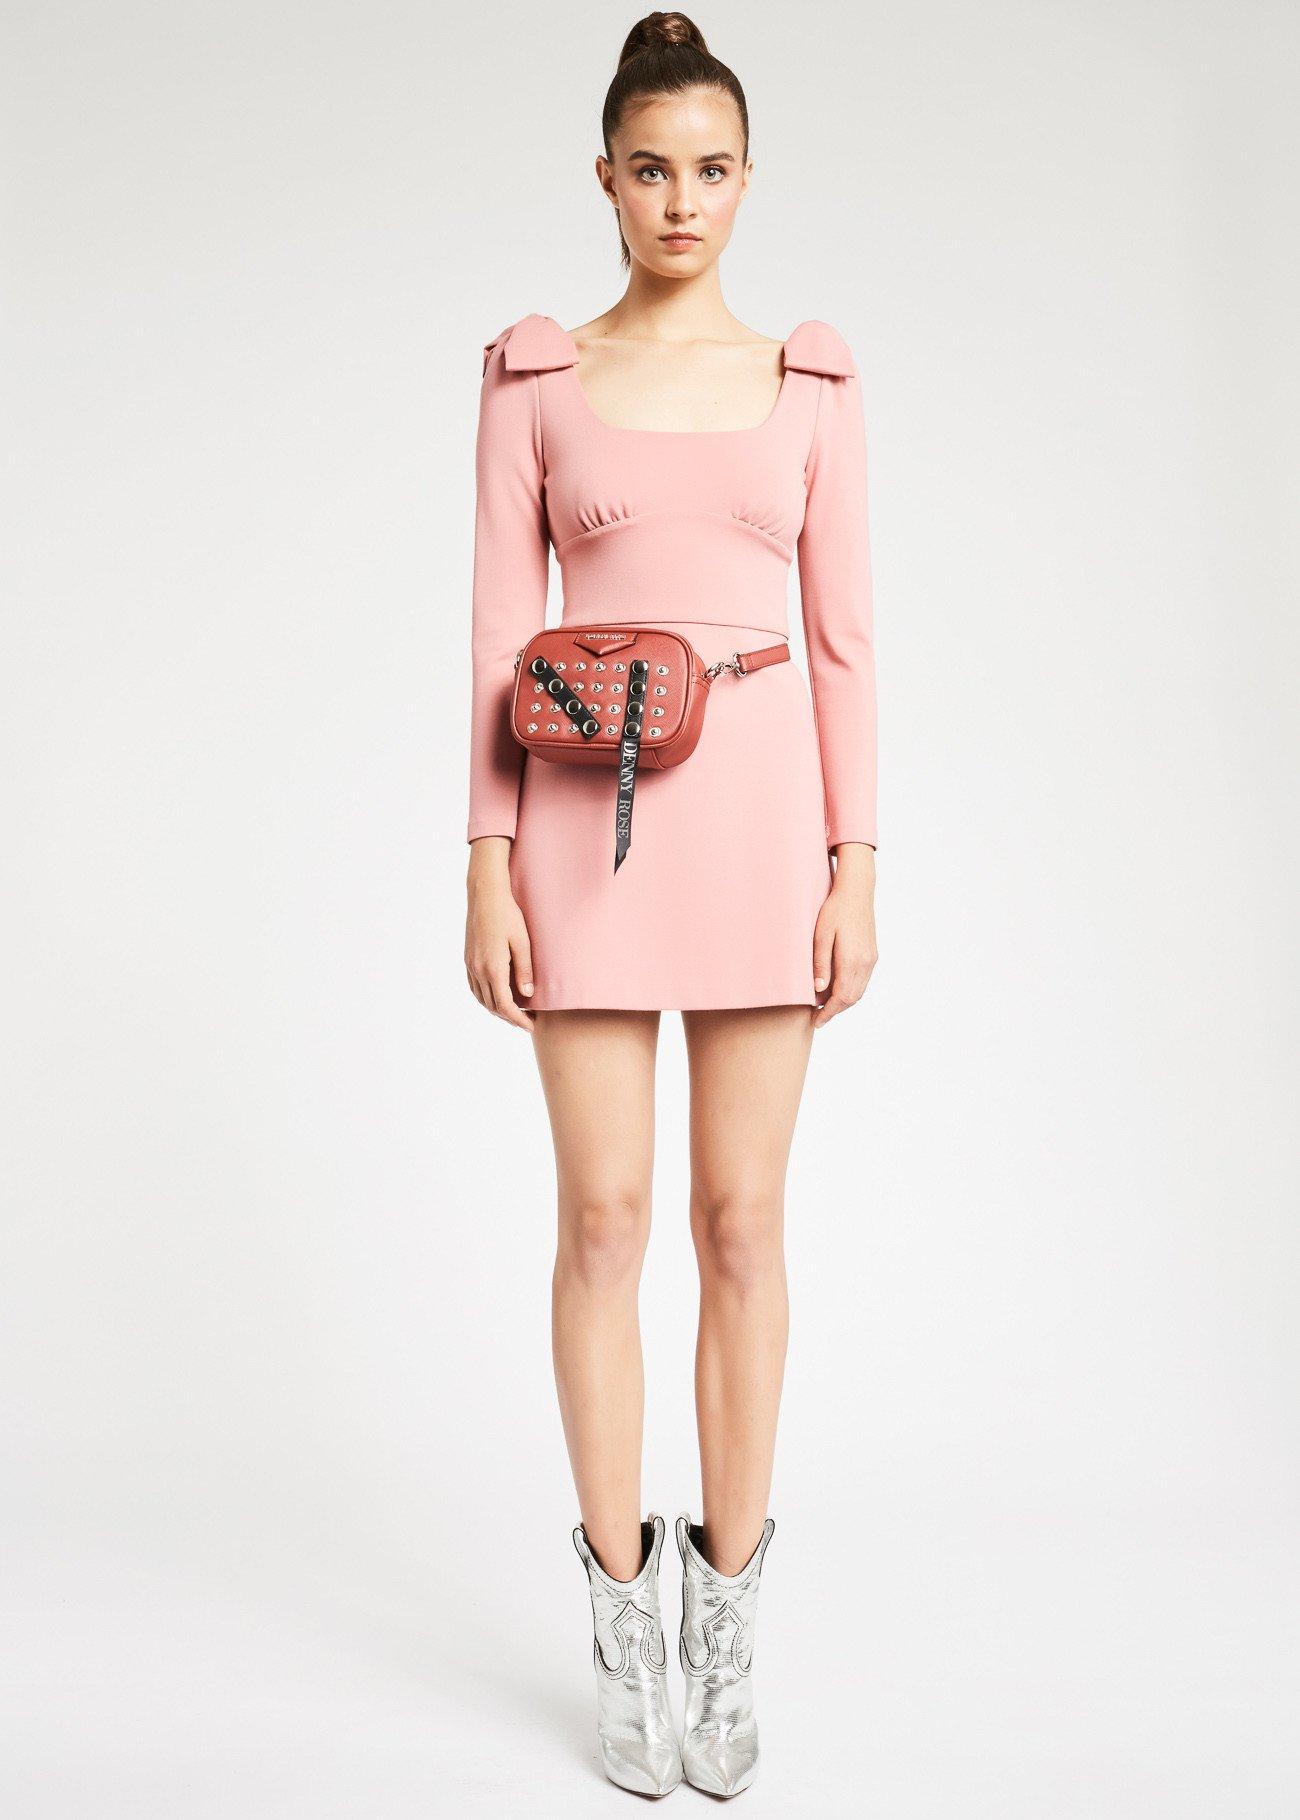 Mini dress Denny Rose con maniche lunghe prezzo 109 euro